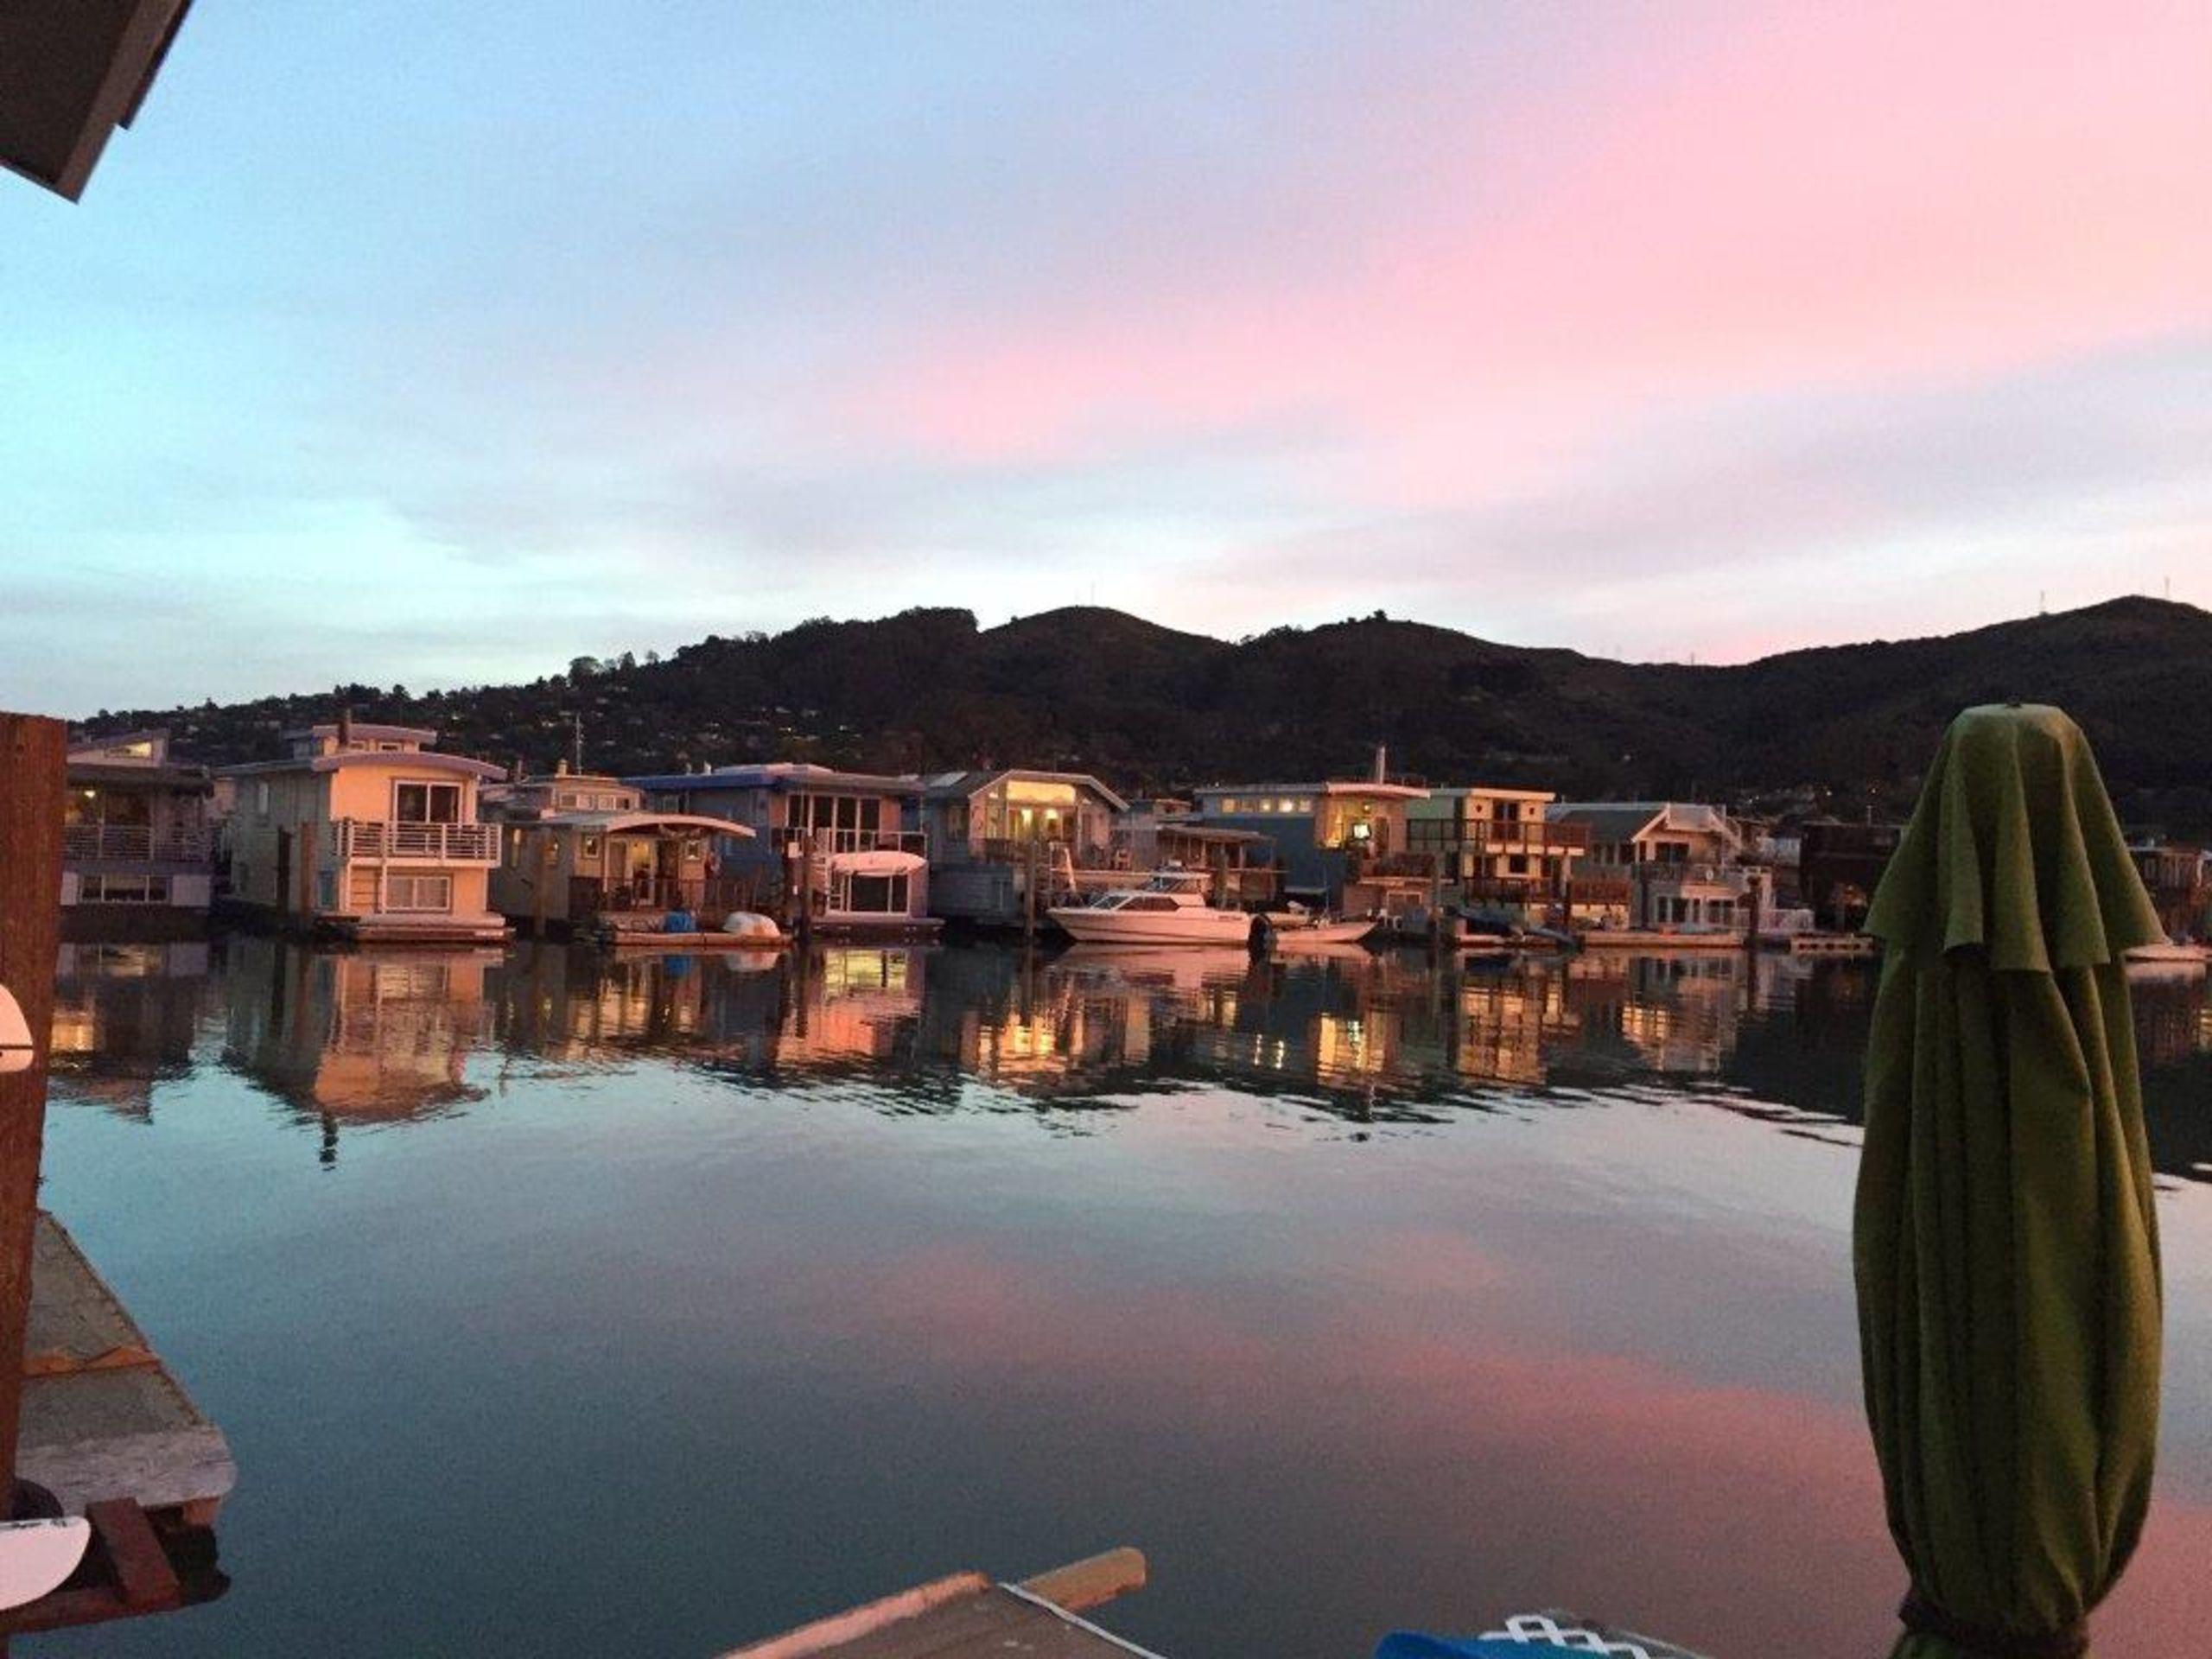 Floating Homes of Sausalito